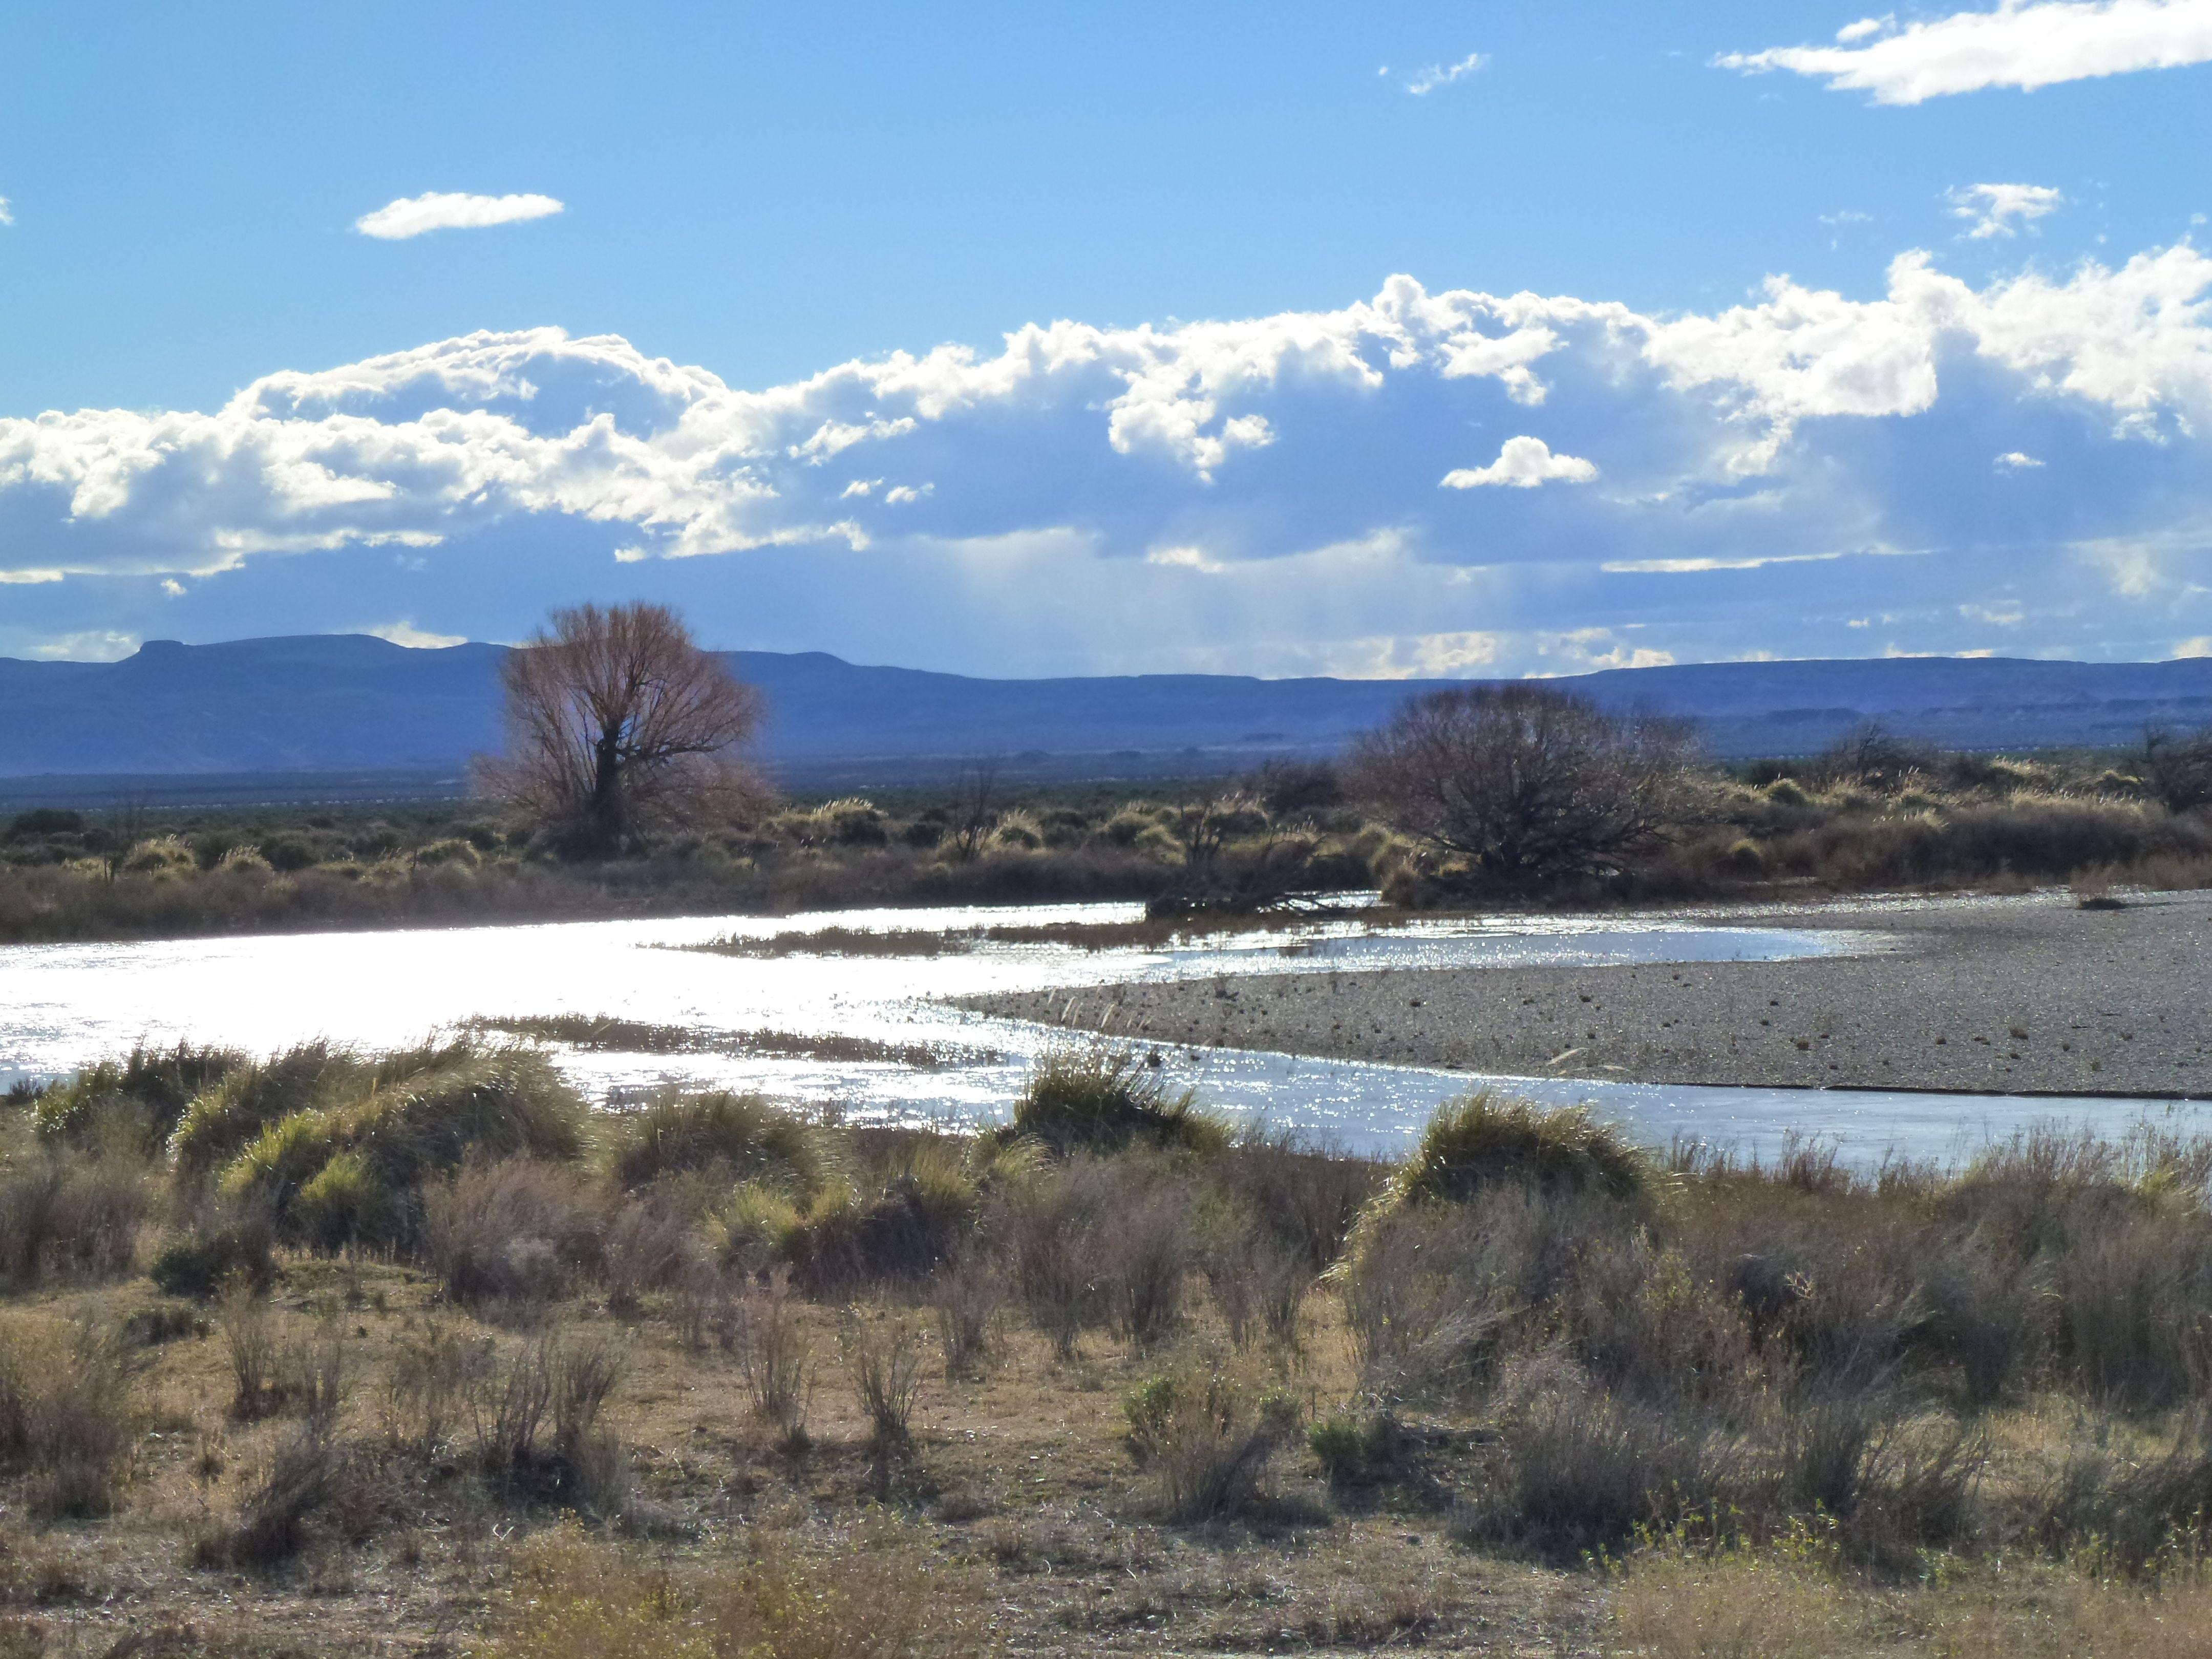 Osídlení území kolem řeky Chubut by Habsburkům vytrhlo trn z paty.